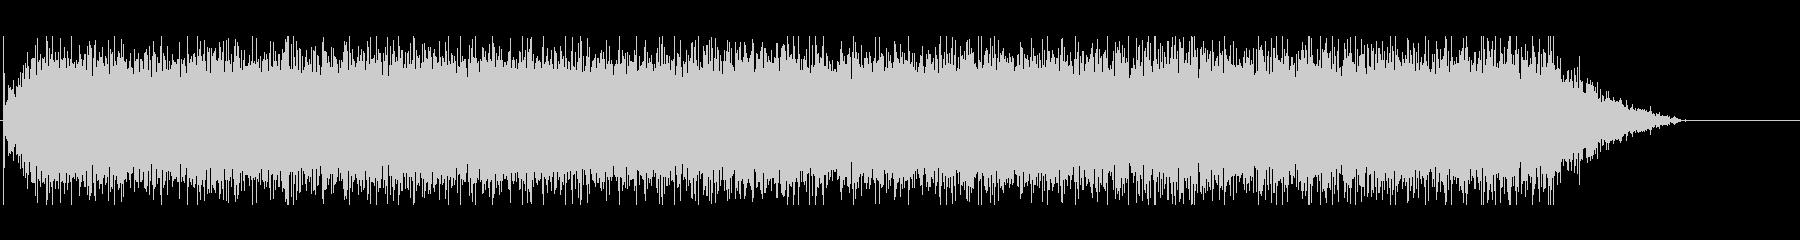 ウィーーン(電動ドライバーの音)2の未再生の波形